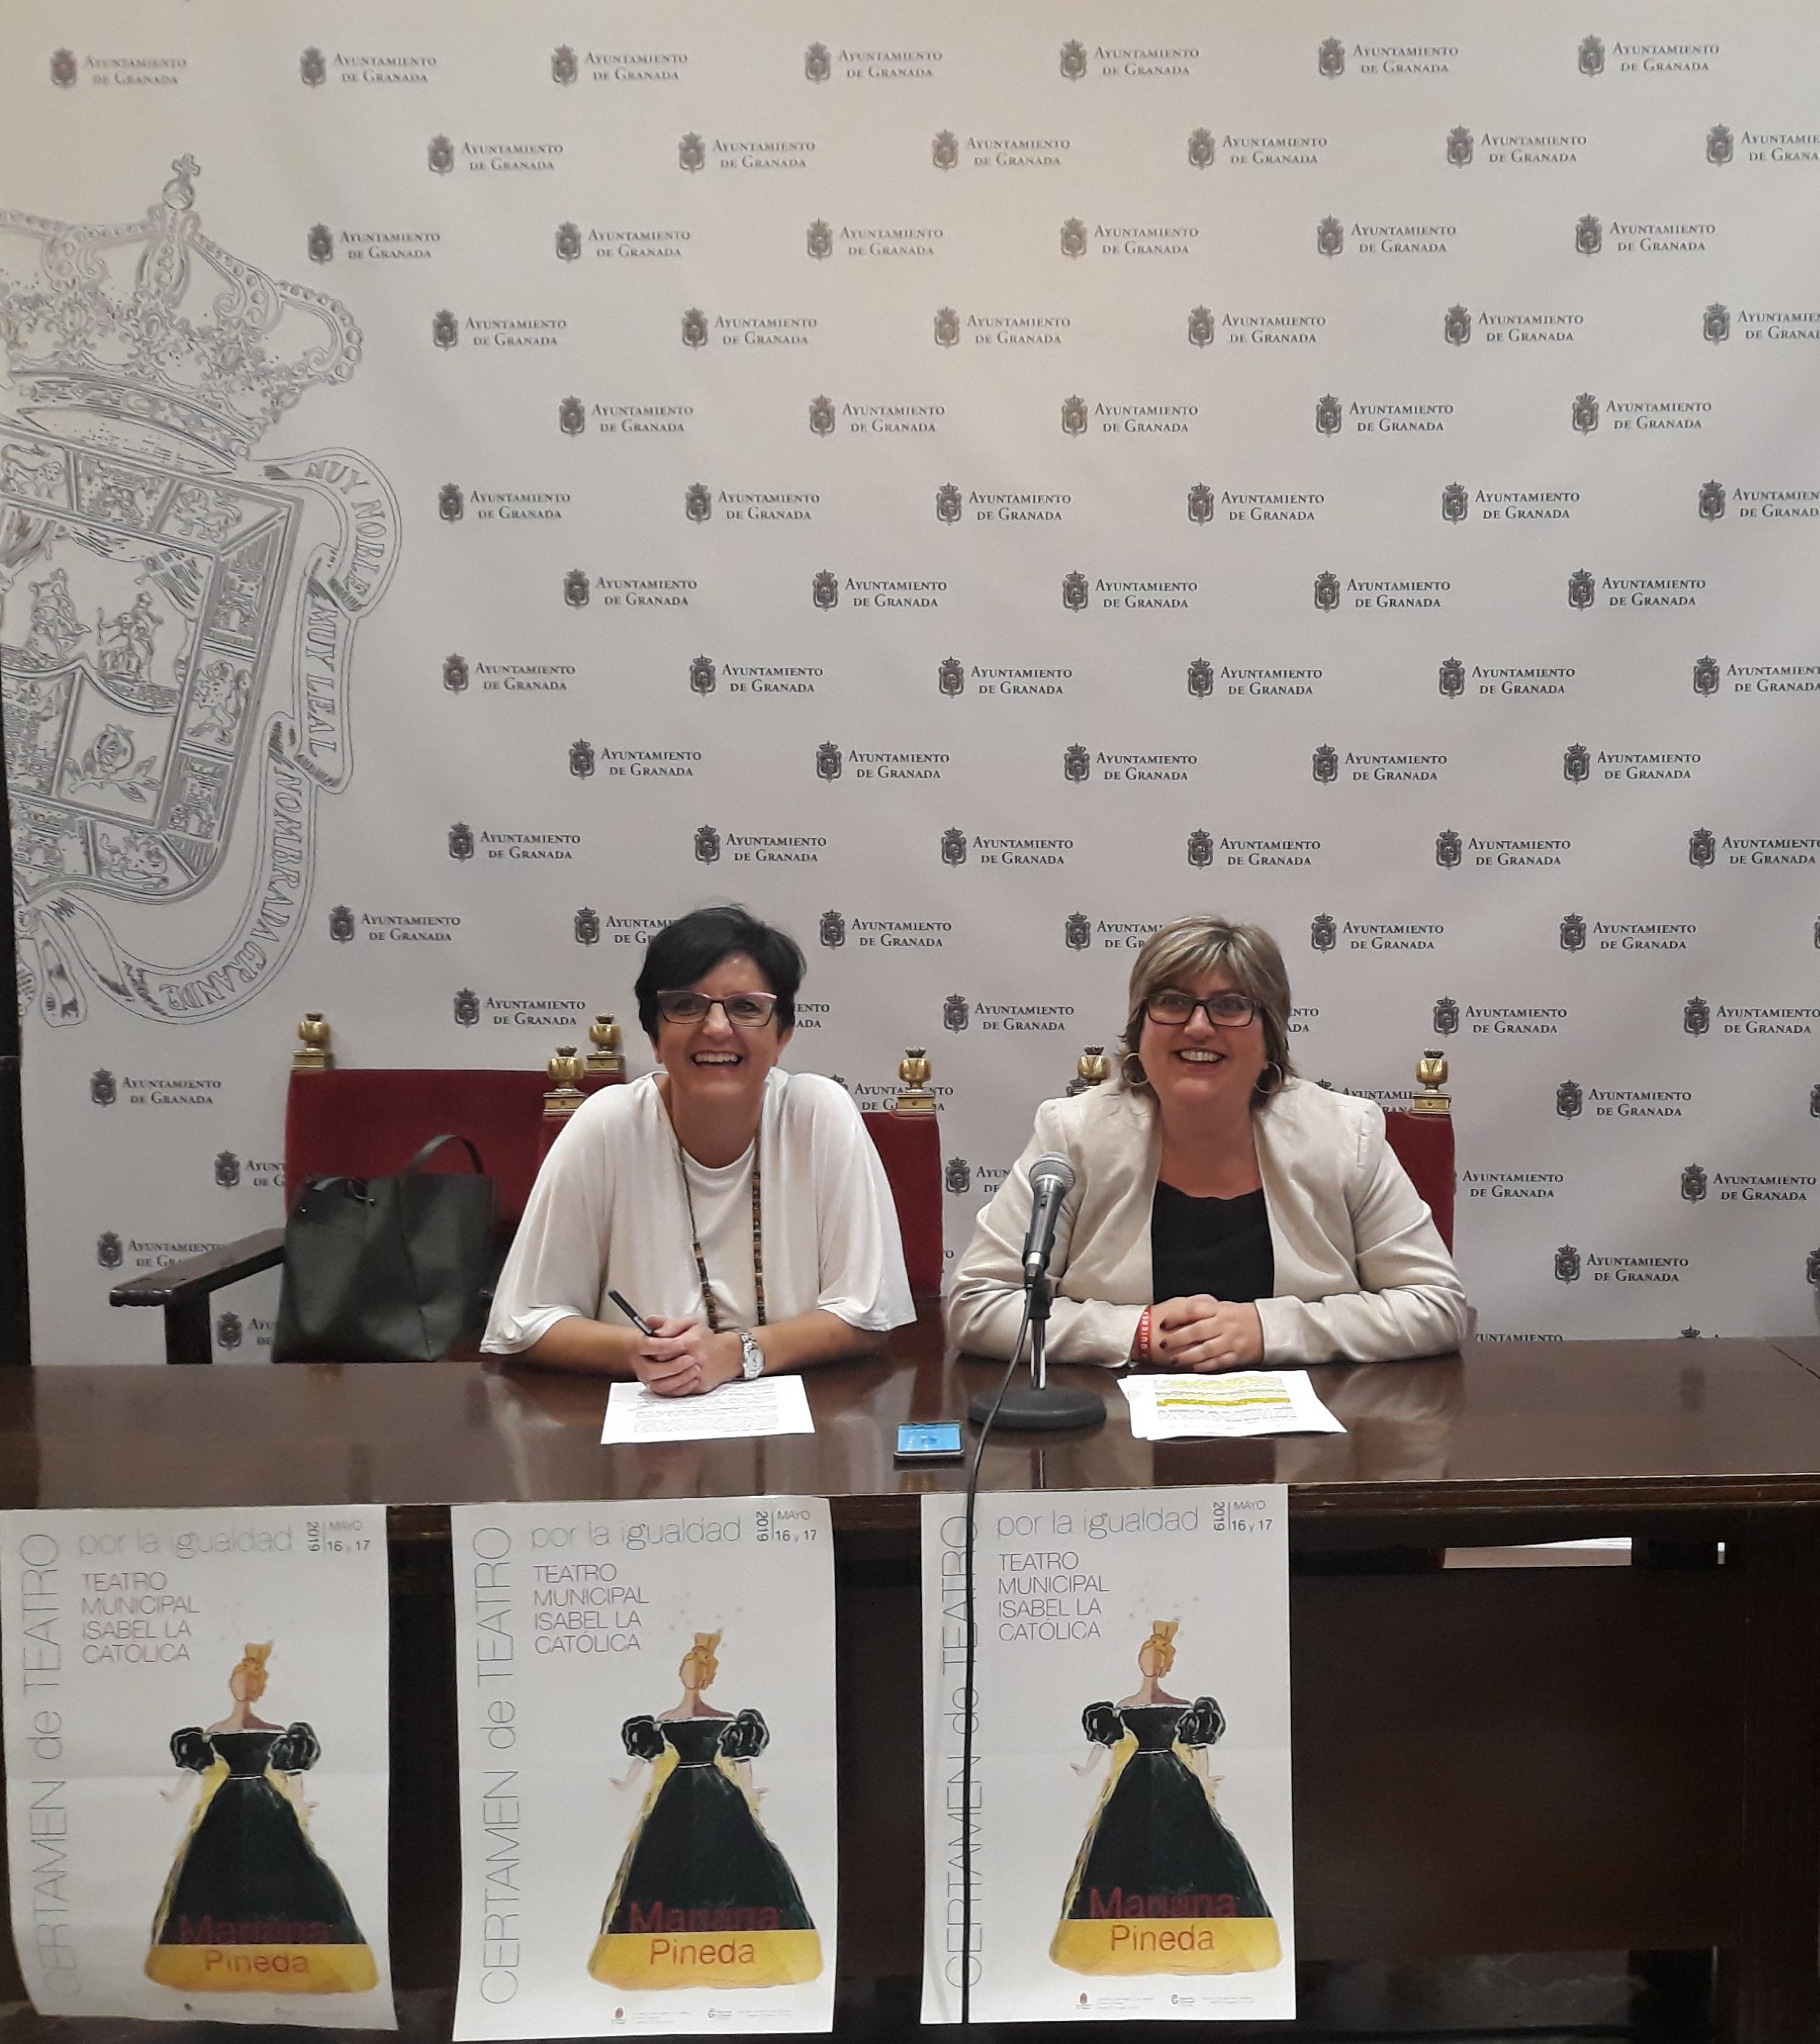 La XIX edición del certamen de teatro Mariana Pineda escenifica la igualdad